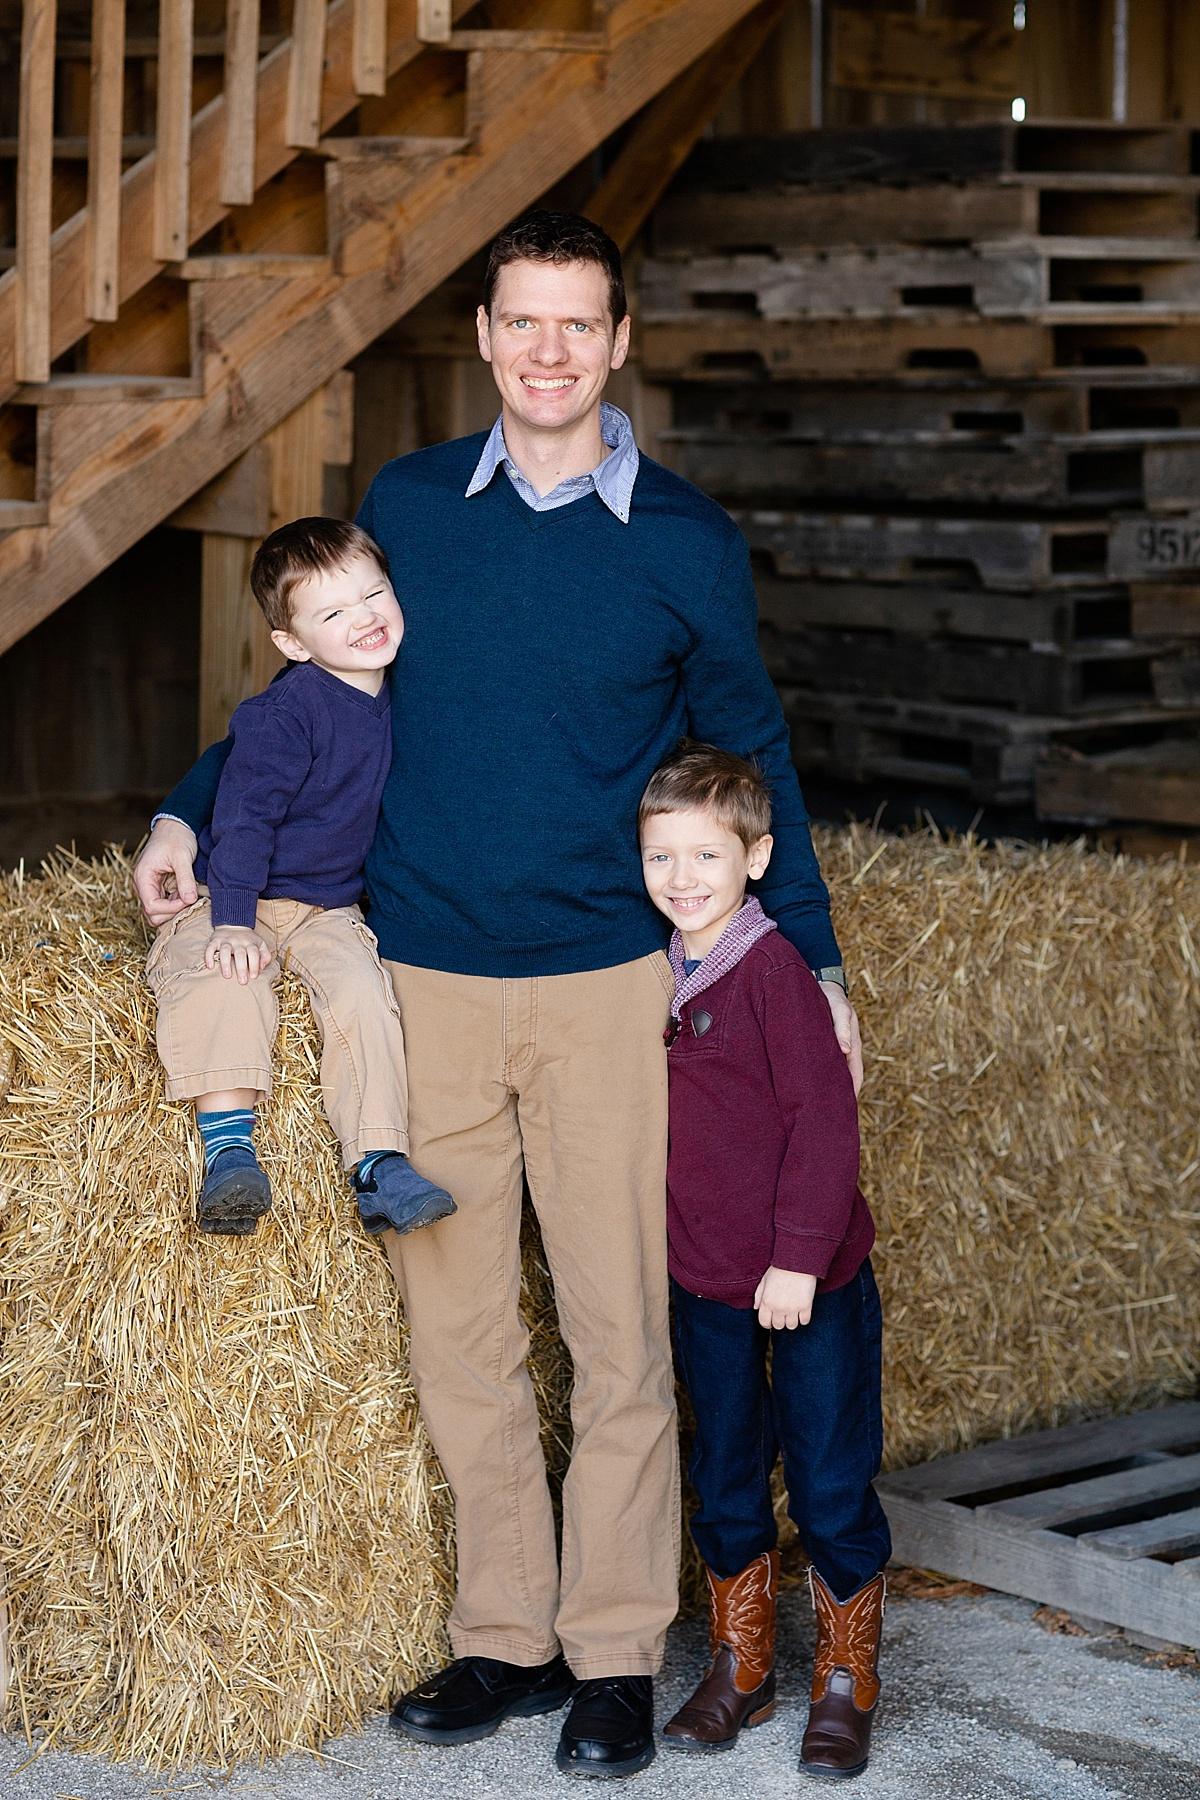 louisville-family-photos-006.JPG